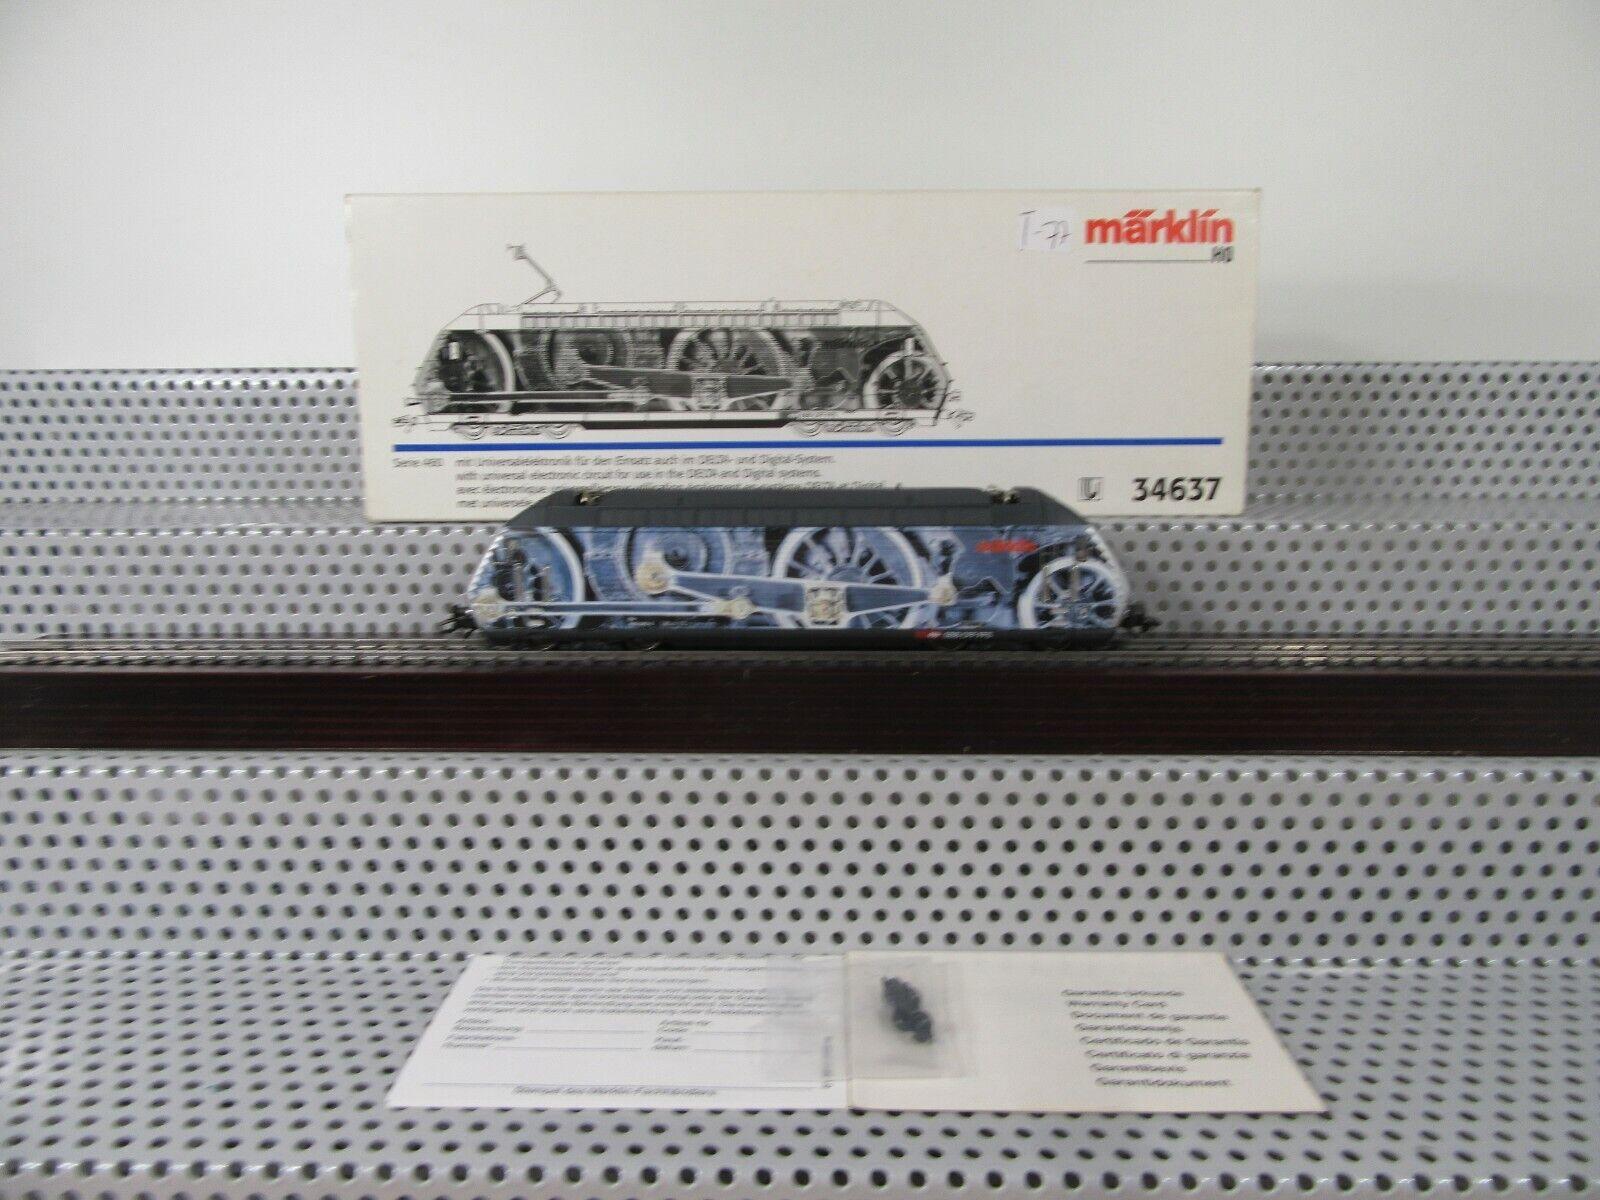 Märklin 34637 BR 460 Swiss Collection attrazione Digital trasformazione in scatola originale